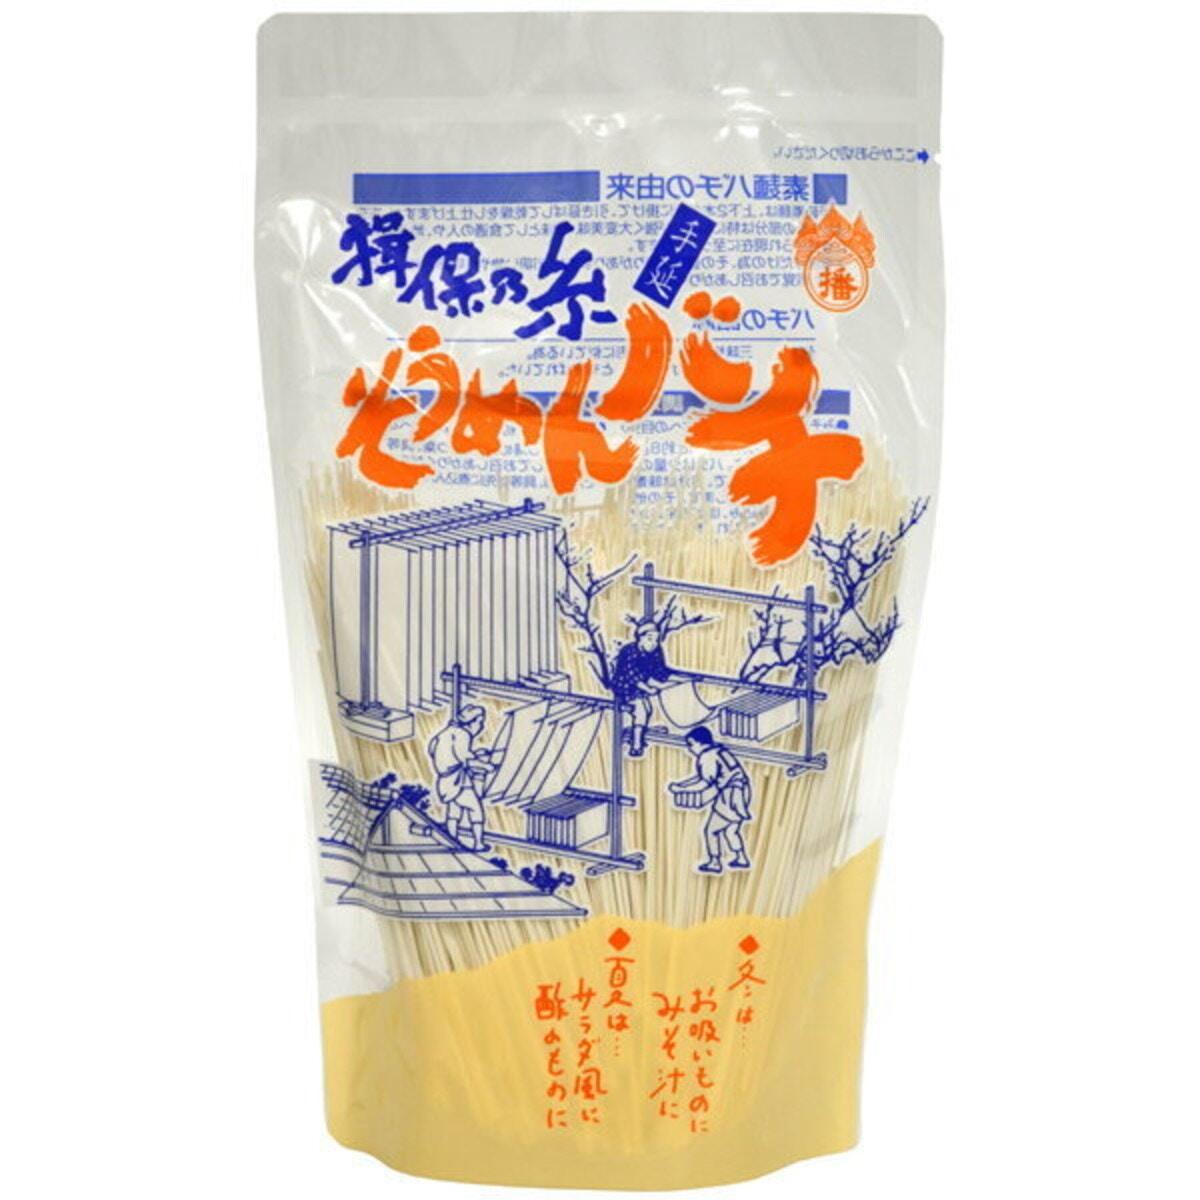 【揖保の糸】手延素麺 揖保乃糸 バチ 200g